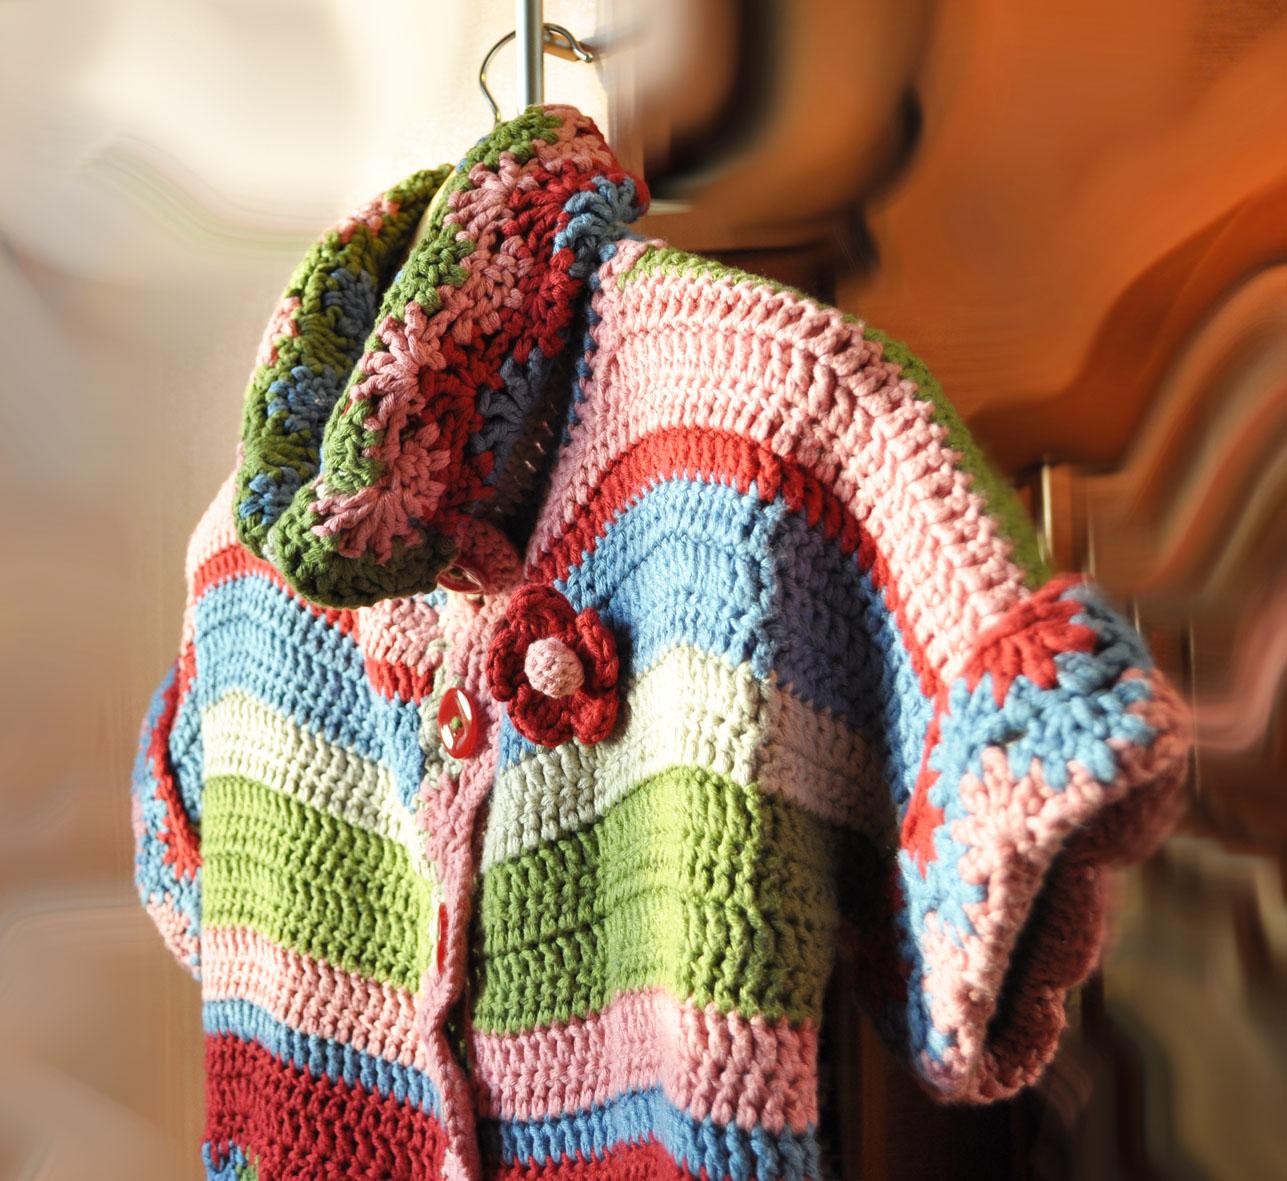 вязание крючком болеро жилеты